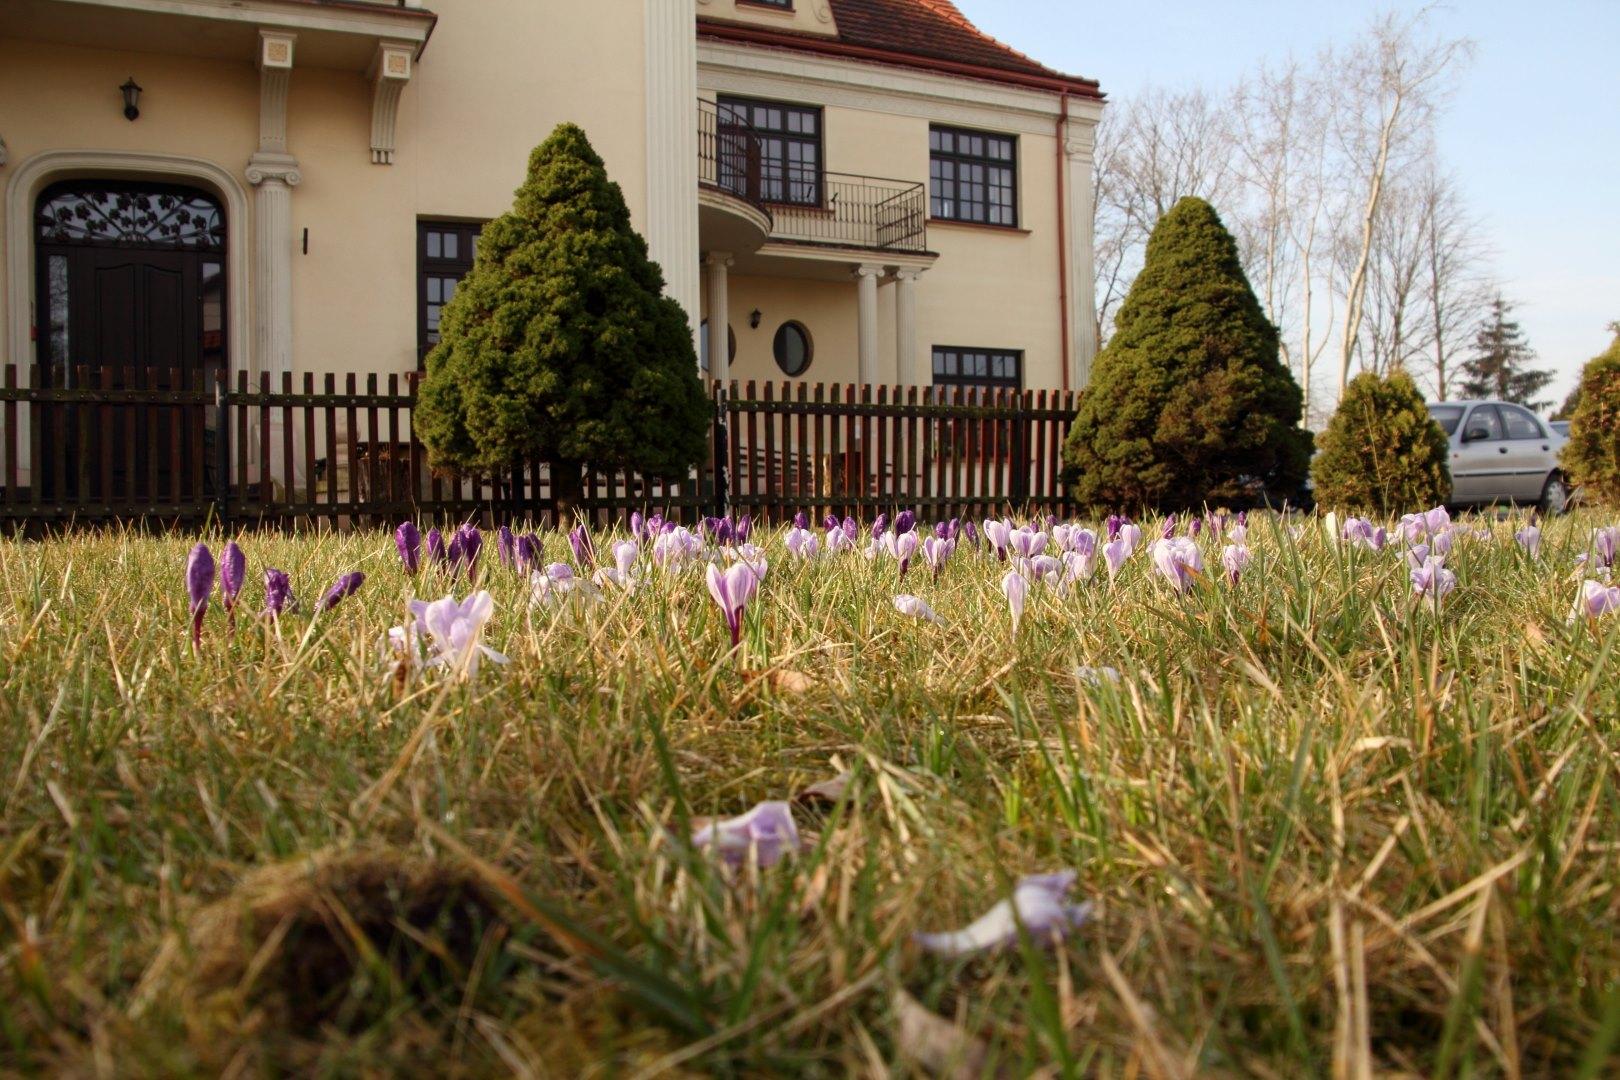 budynek domu kultury, na pierwszym planie trawnik z krokusami